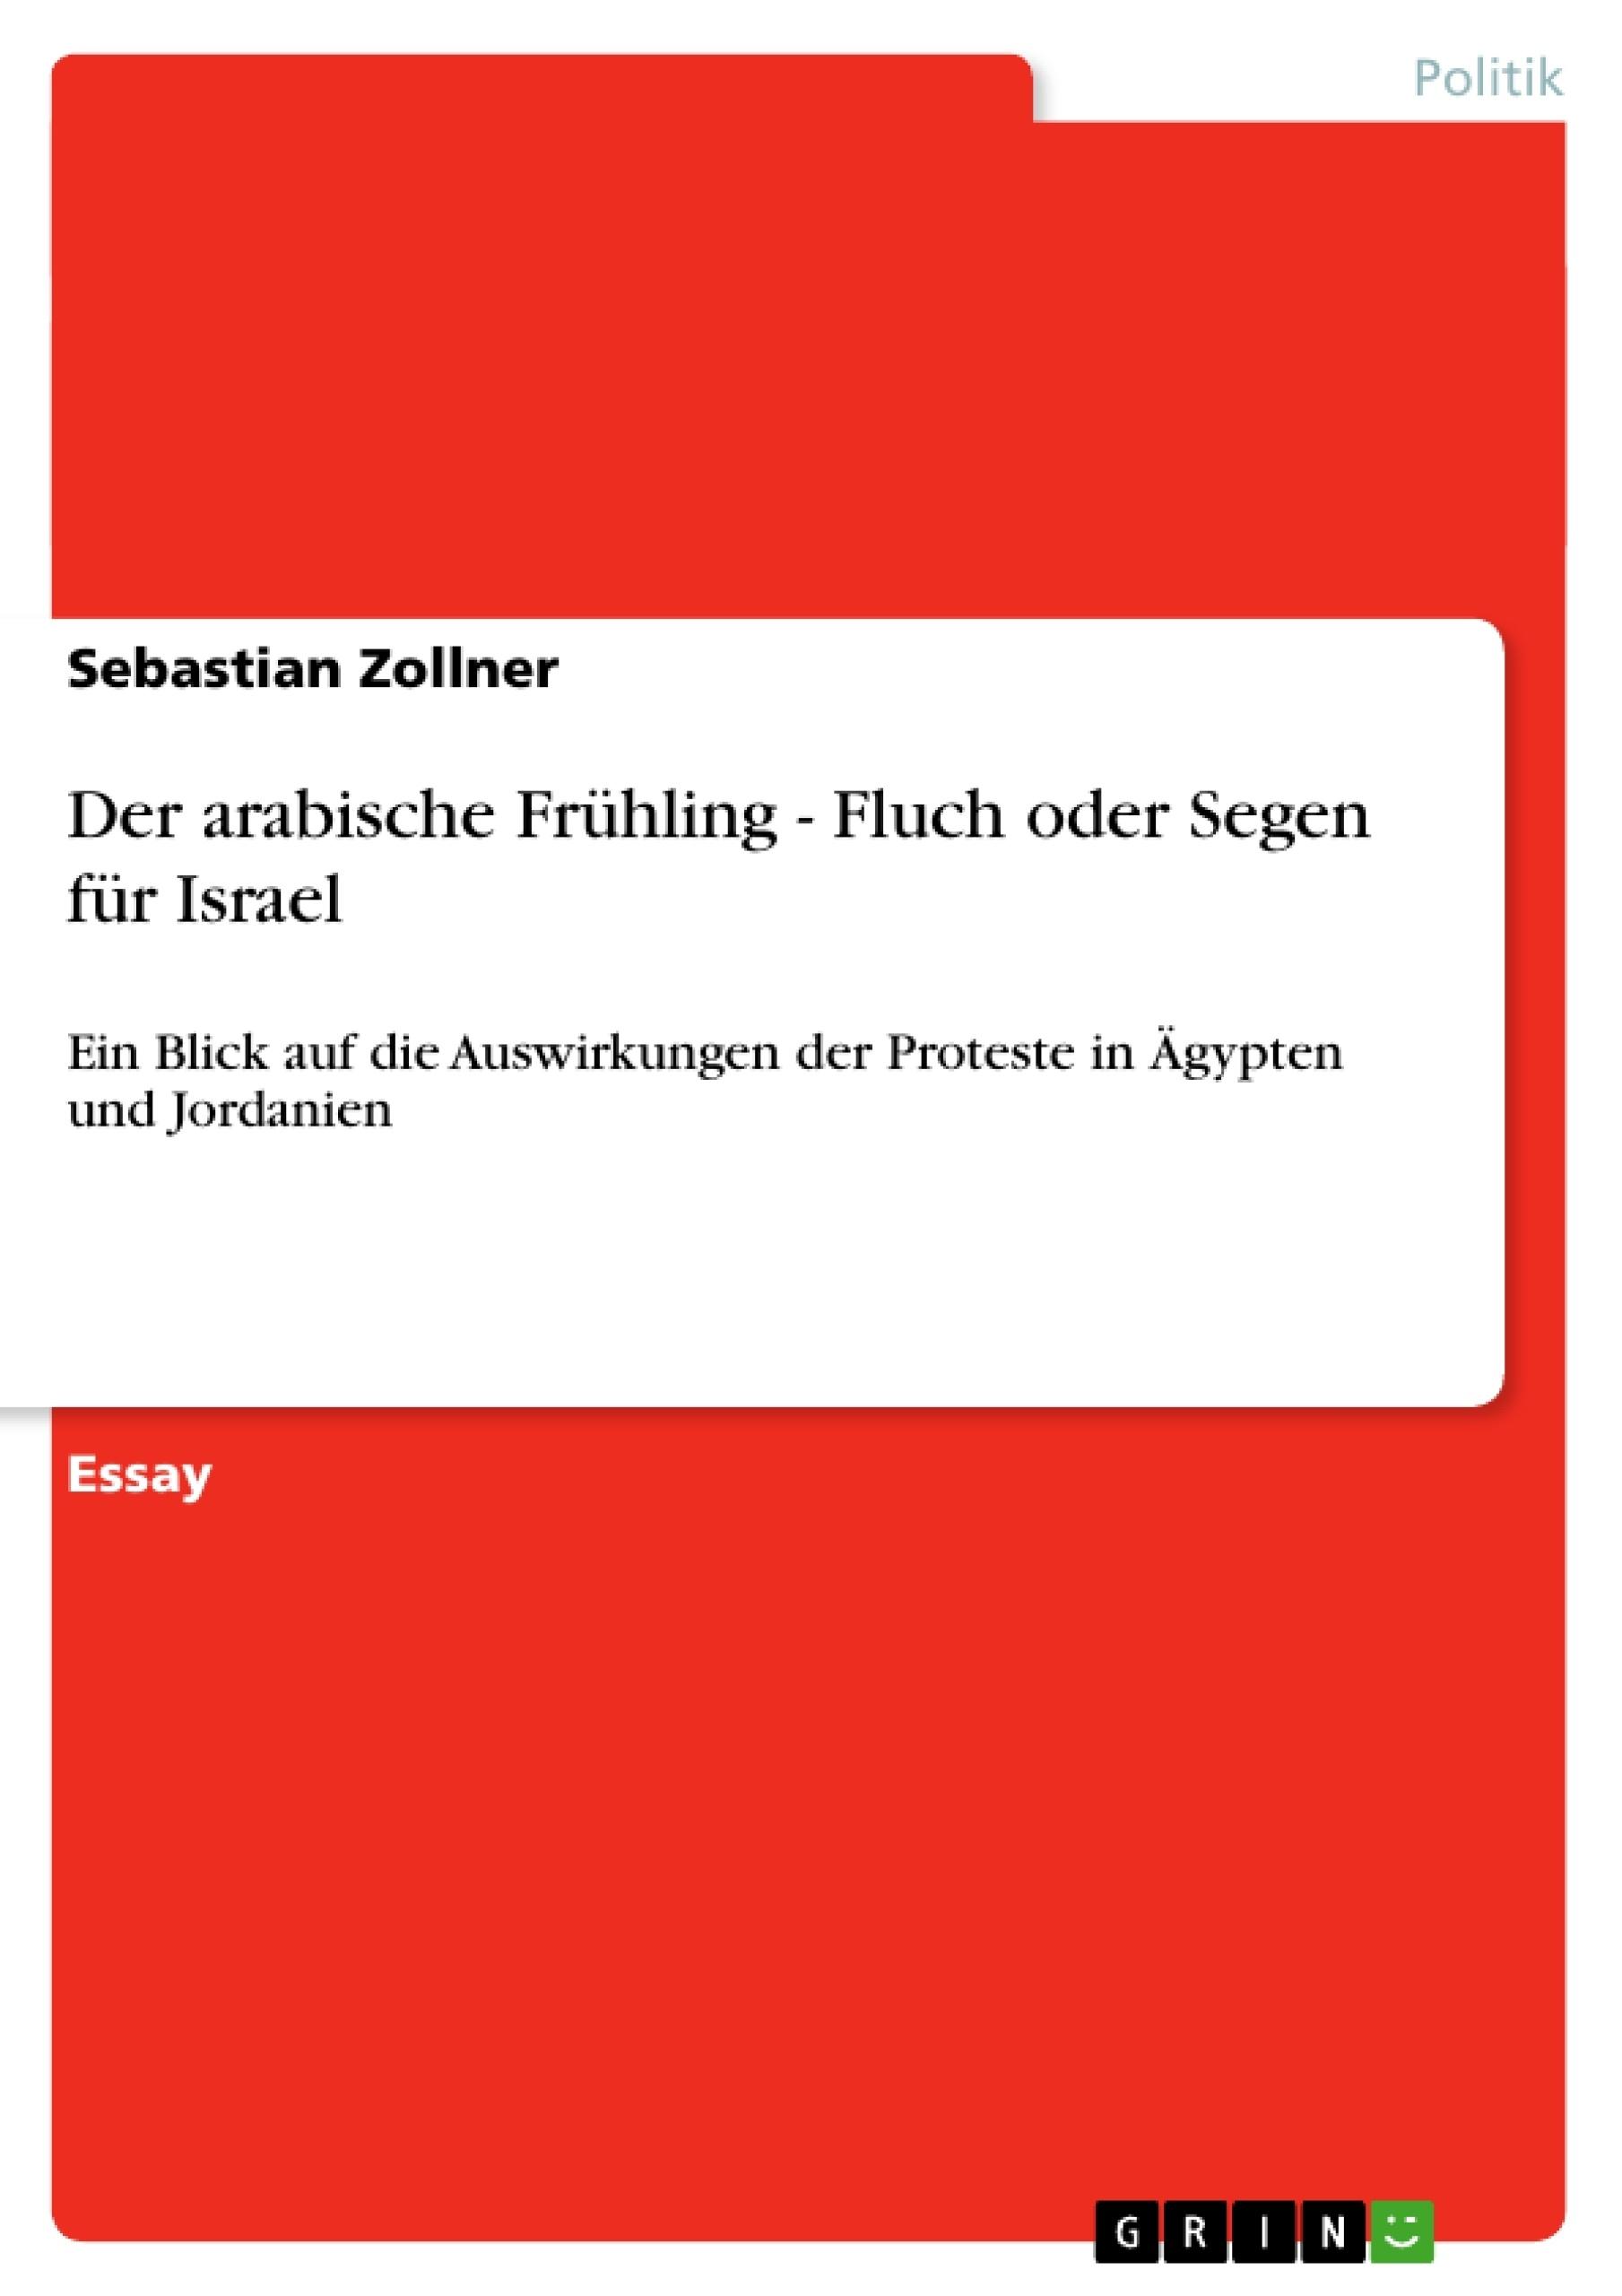 Titel: Der arabische Frühling - Fluch oder Segen für Israel